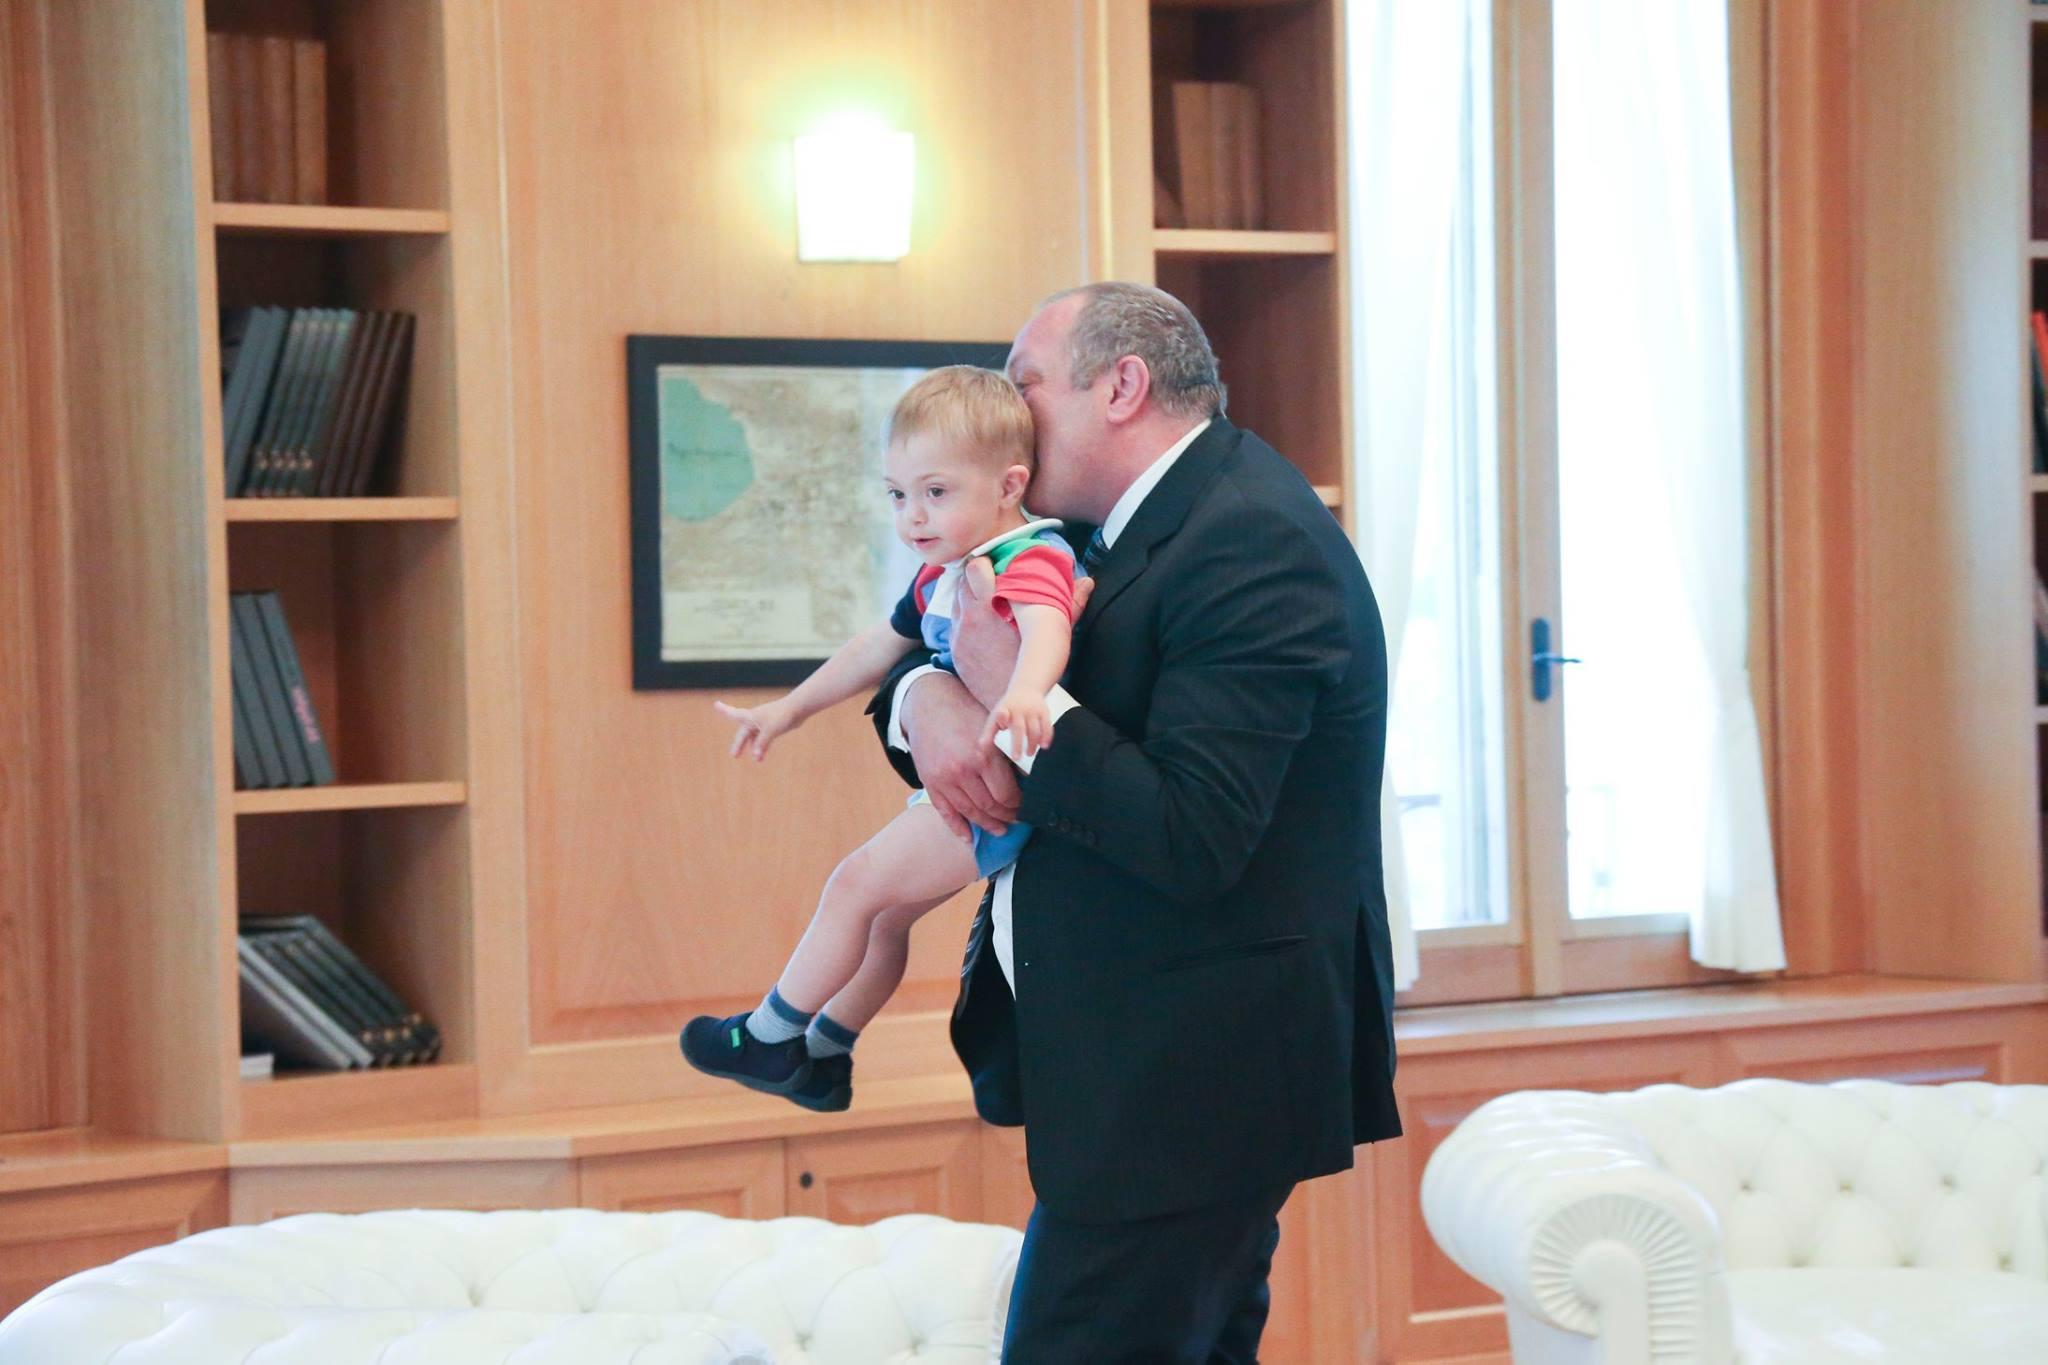 20229561 792407754260833 2916752788437389845 o #новости Мака Чичуа, Президент Грузии, Темо